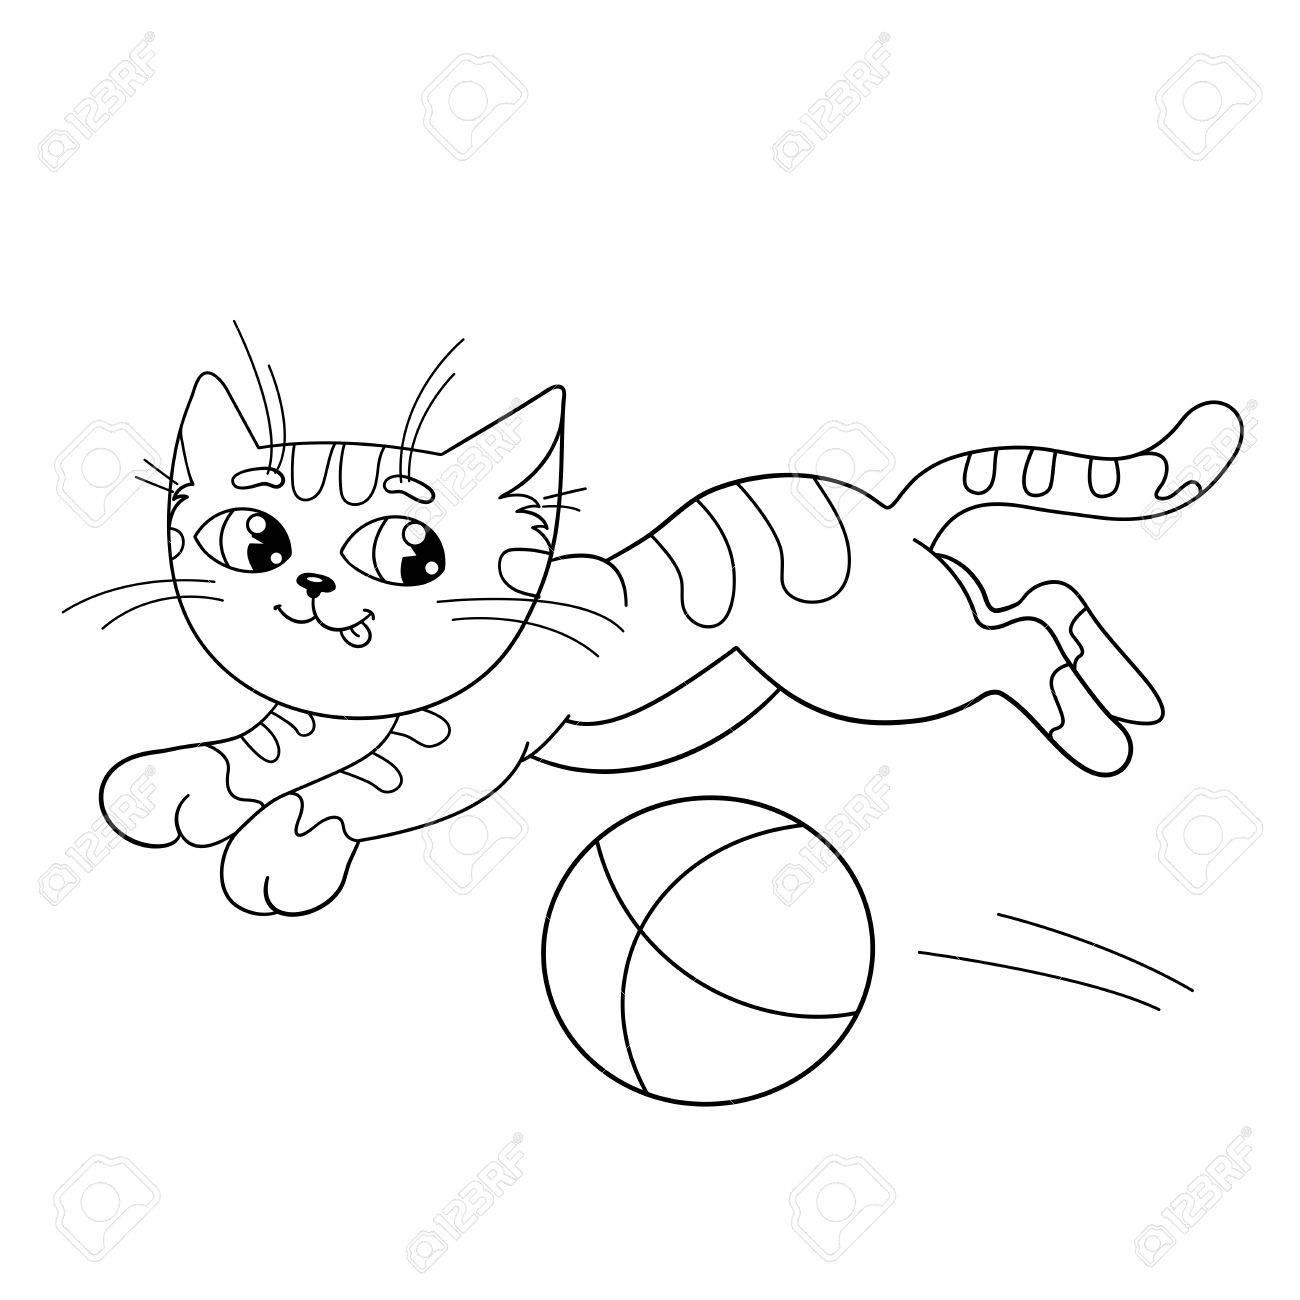 Página Para Colorear Esquema De Un Gato Esponjoso Jugando Con La